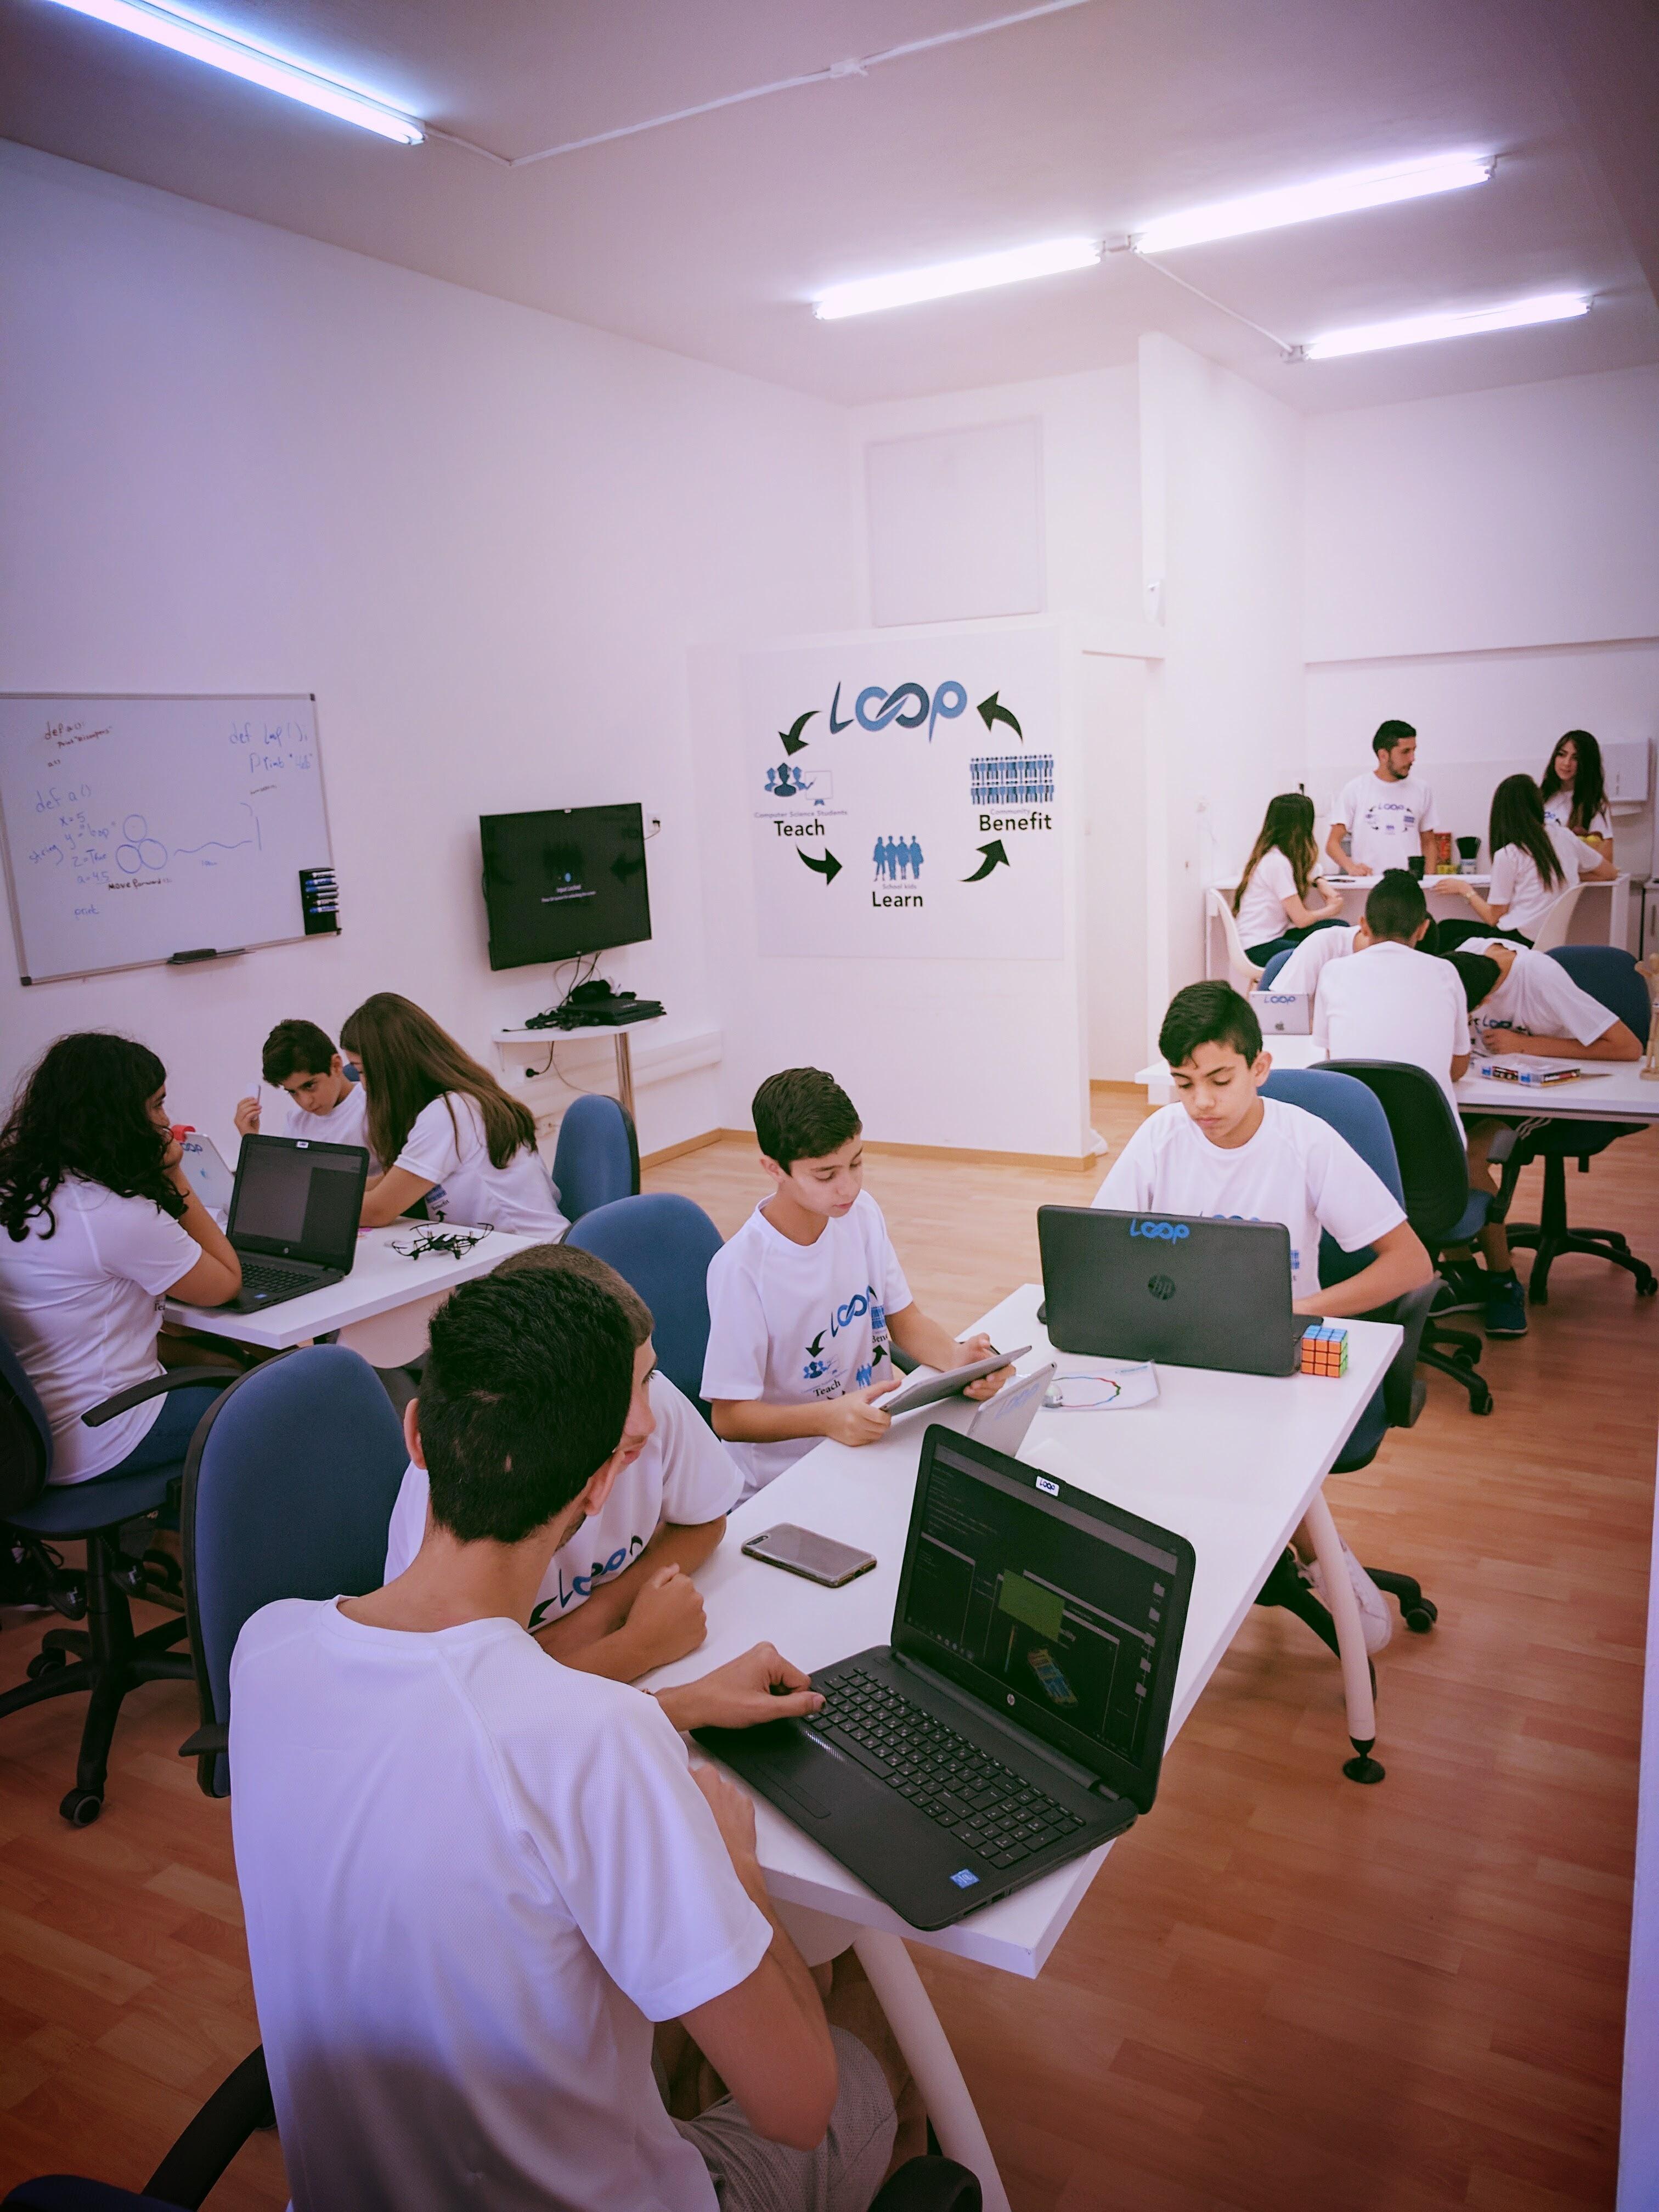 Loop's Campus